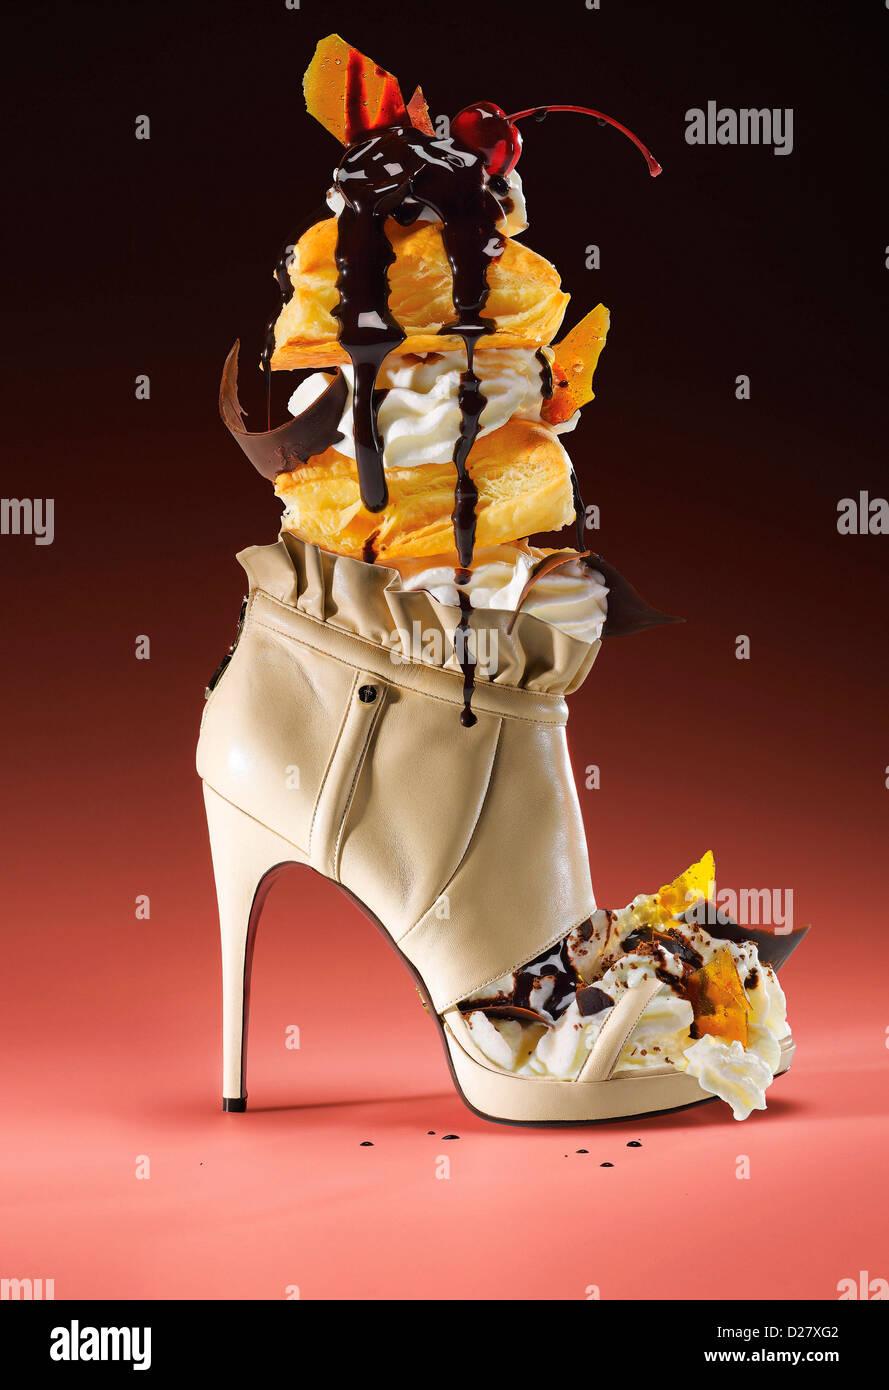 Chaussure haut talon rempli de glace Crème glacée sur fond rose Photo Stock